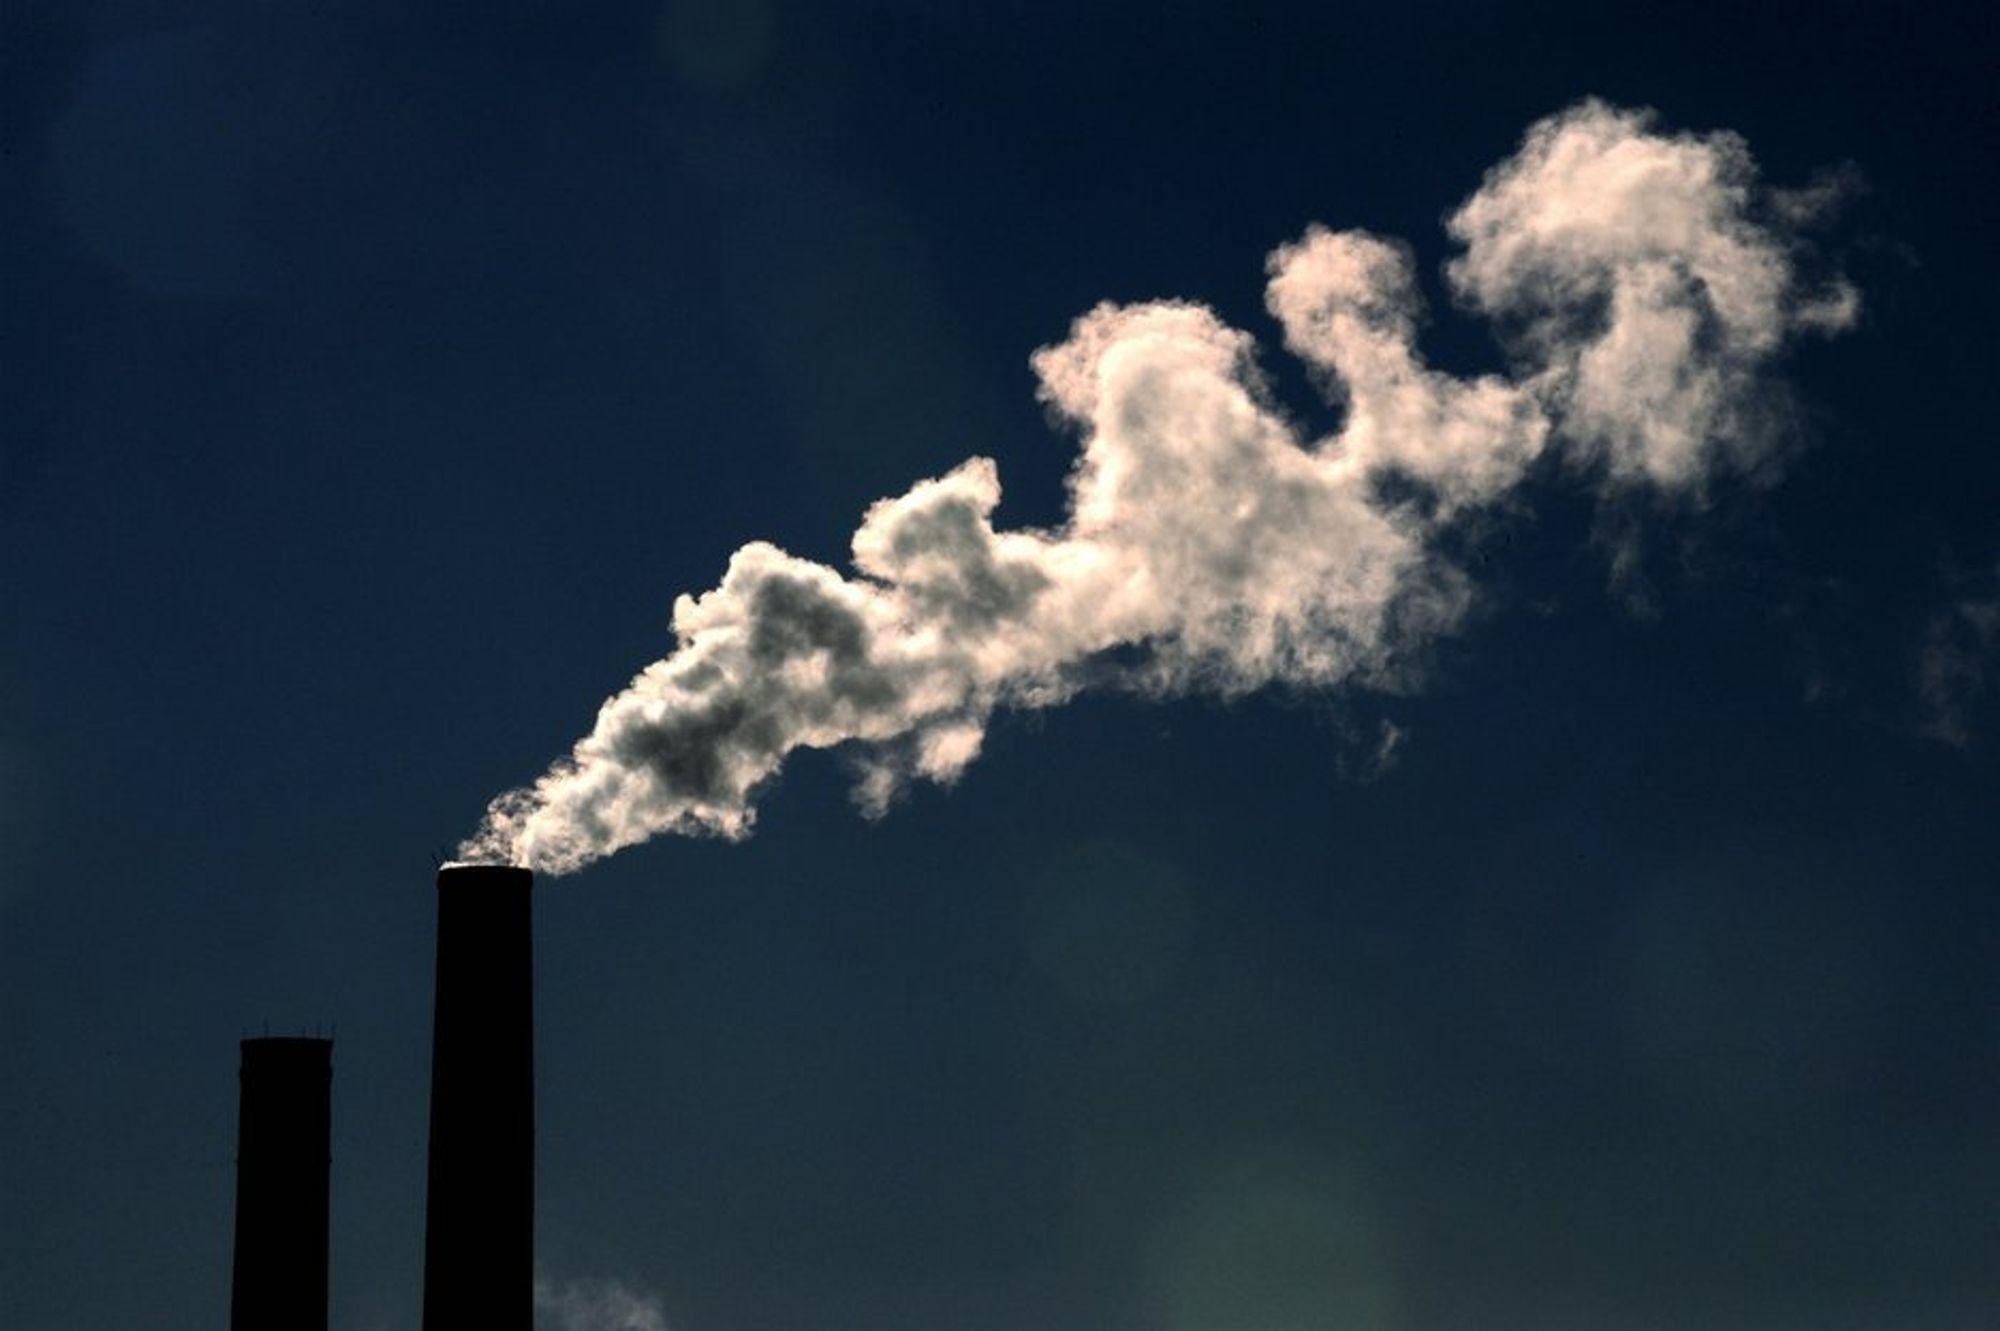 KOMMER FRA ENERGIPRODUKSJON: Metan er en mange ganger sterkere drivhusgass enn CO2, og stammer blant annet fra våtmarksområder, fra husdyr og fra kull- og gassproduksjon..